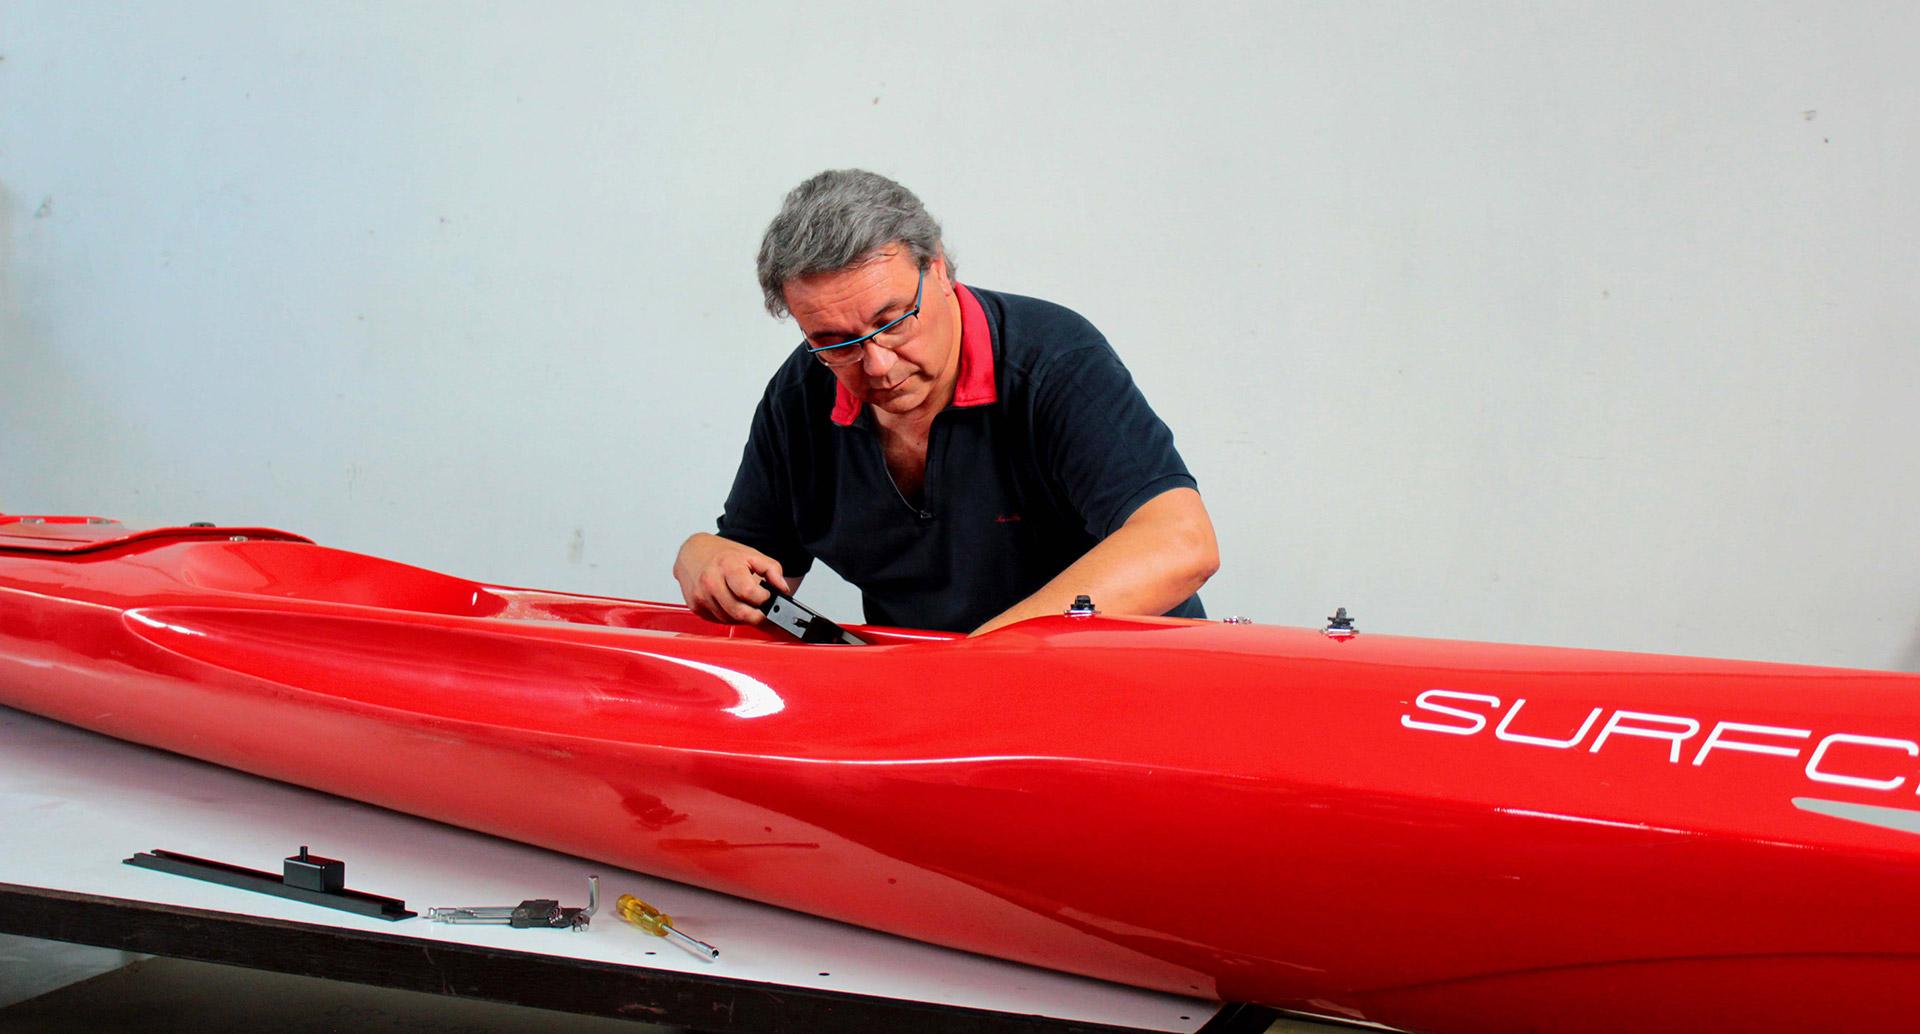 tecnico officina, cantiere nautico riparazioni manutenzioni sostituzioni per canoa kayak Surfcruise